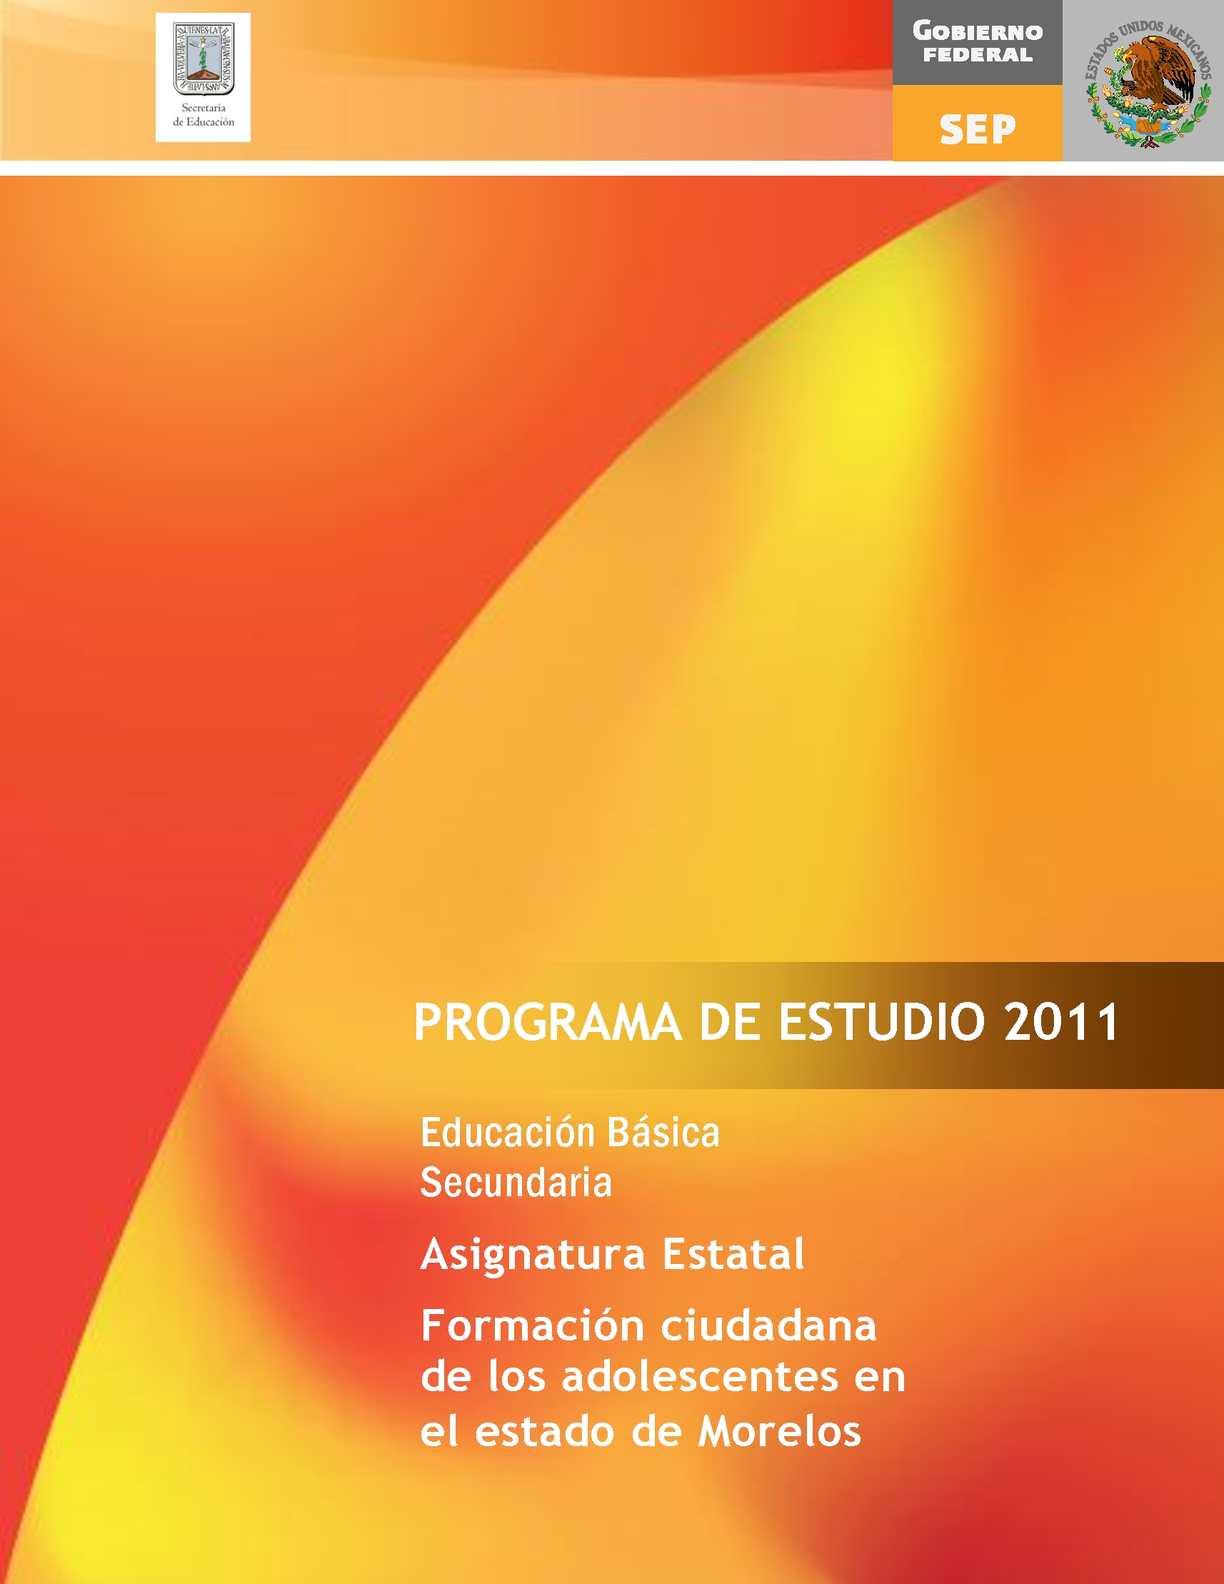 calaméo programa formación ciudadana de los adolescentes